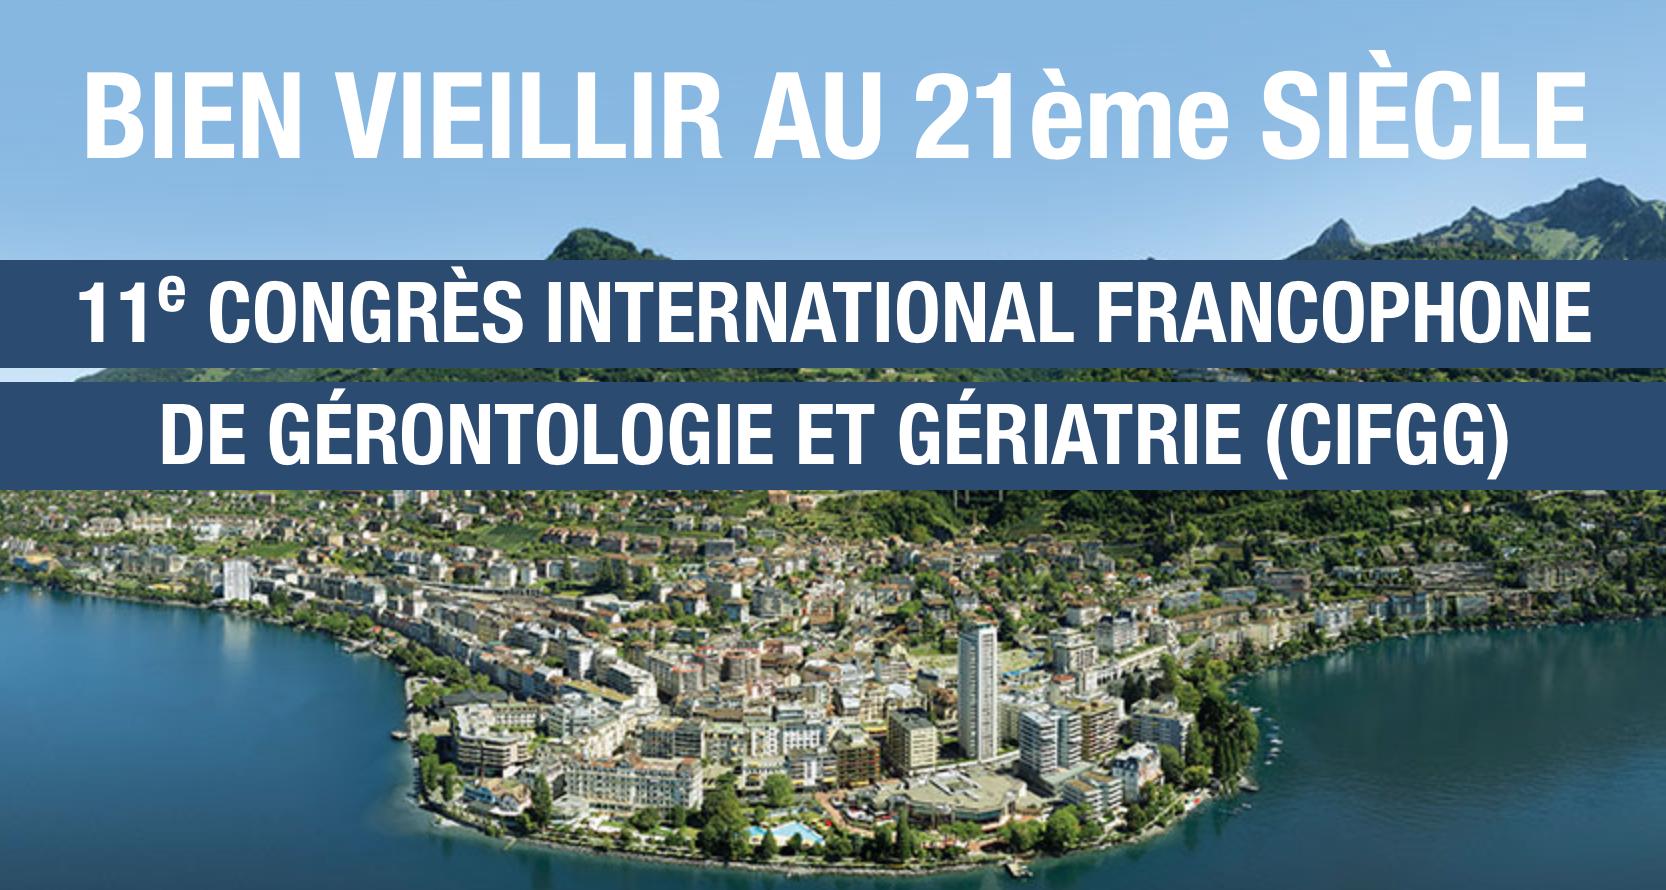 11è Congrès international francophone de Gérontologie et Gériatrie (CIFGG) - Montreux - Suisse